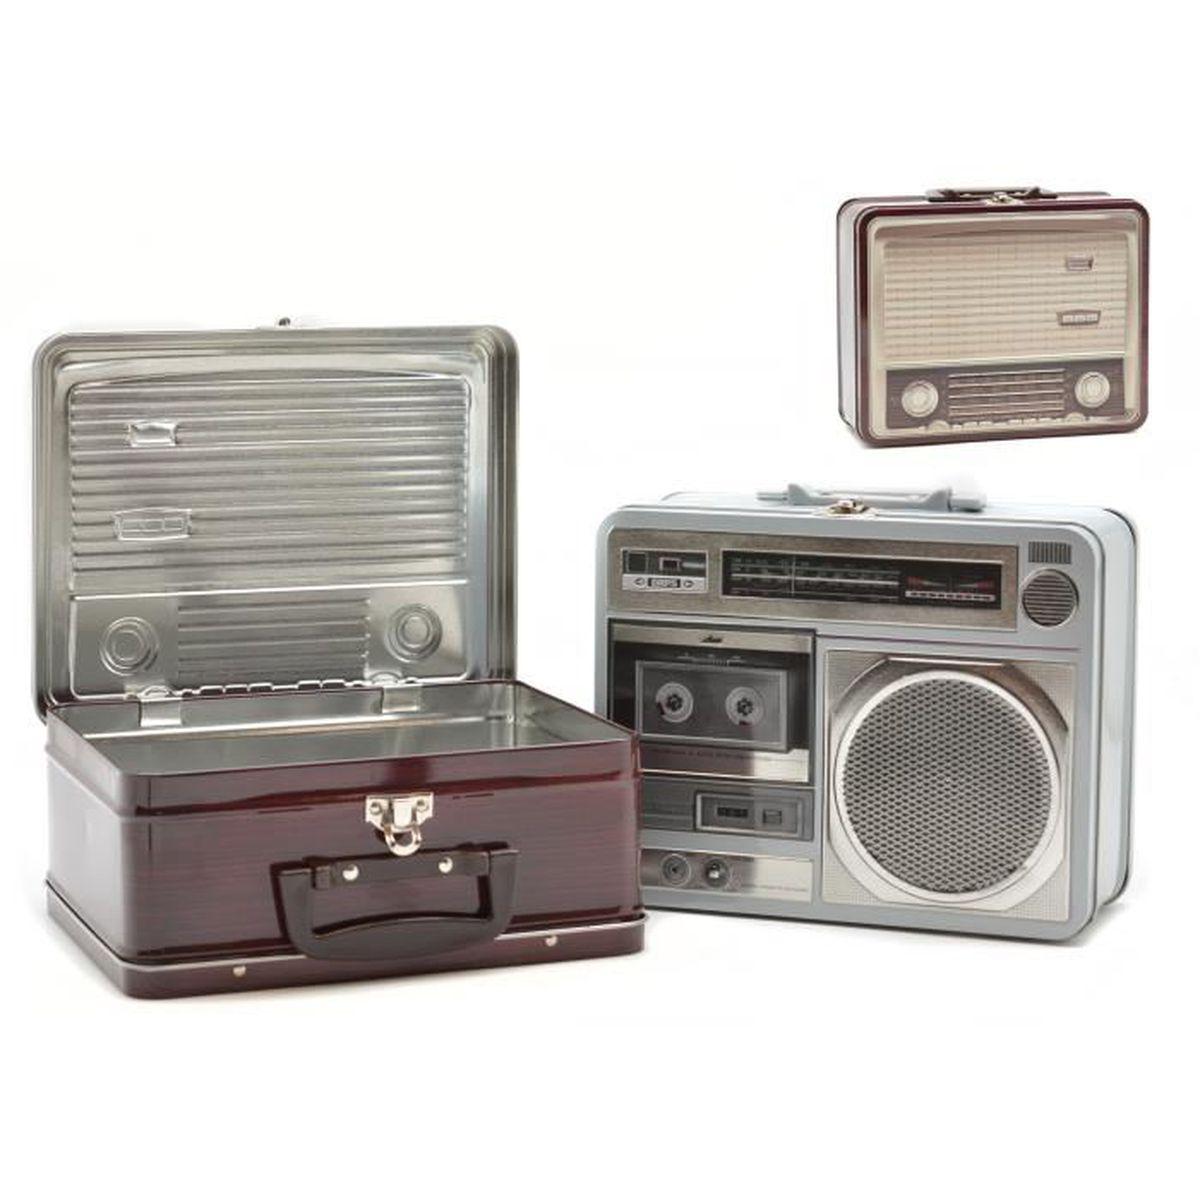 Boîte métal cuisine déco Radio ancienne - Grise